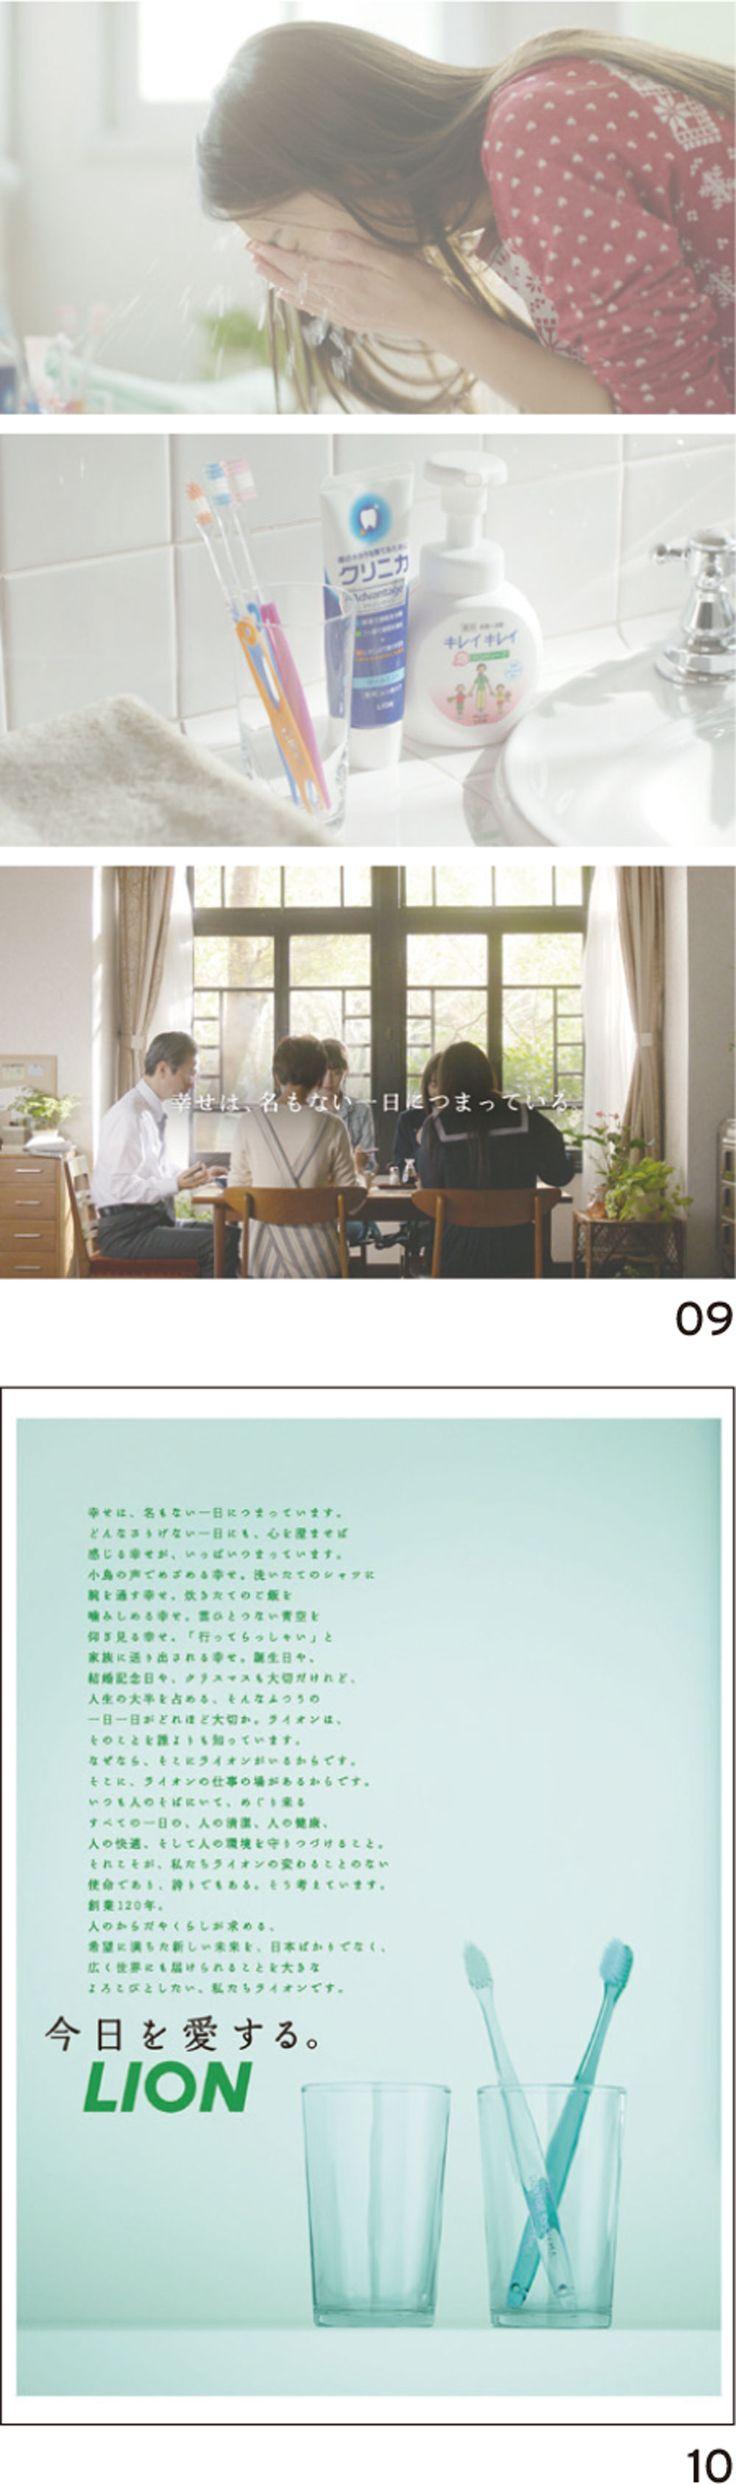 「今日を愛する。」 コピーライター 岩崎俊一 広告づくりのルール | ブレーン 2013年12月号